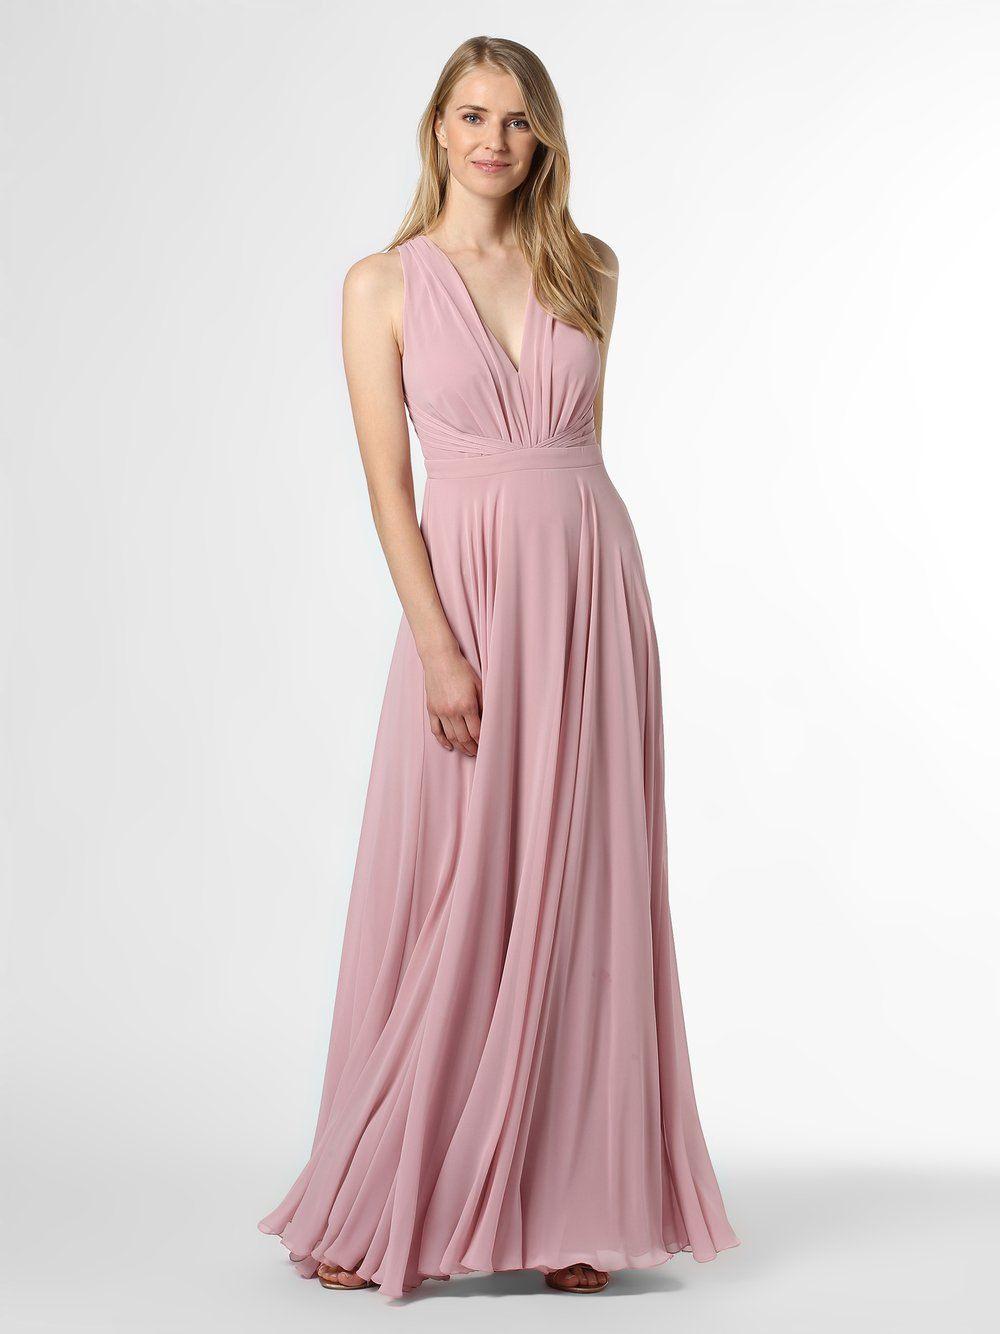 Damen Abendkleid | Kleid Hochzeit, Abendkleid Und Abendkleid